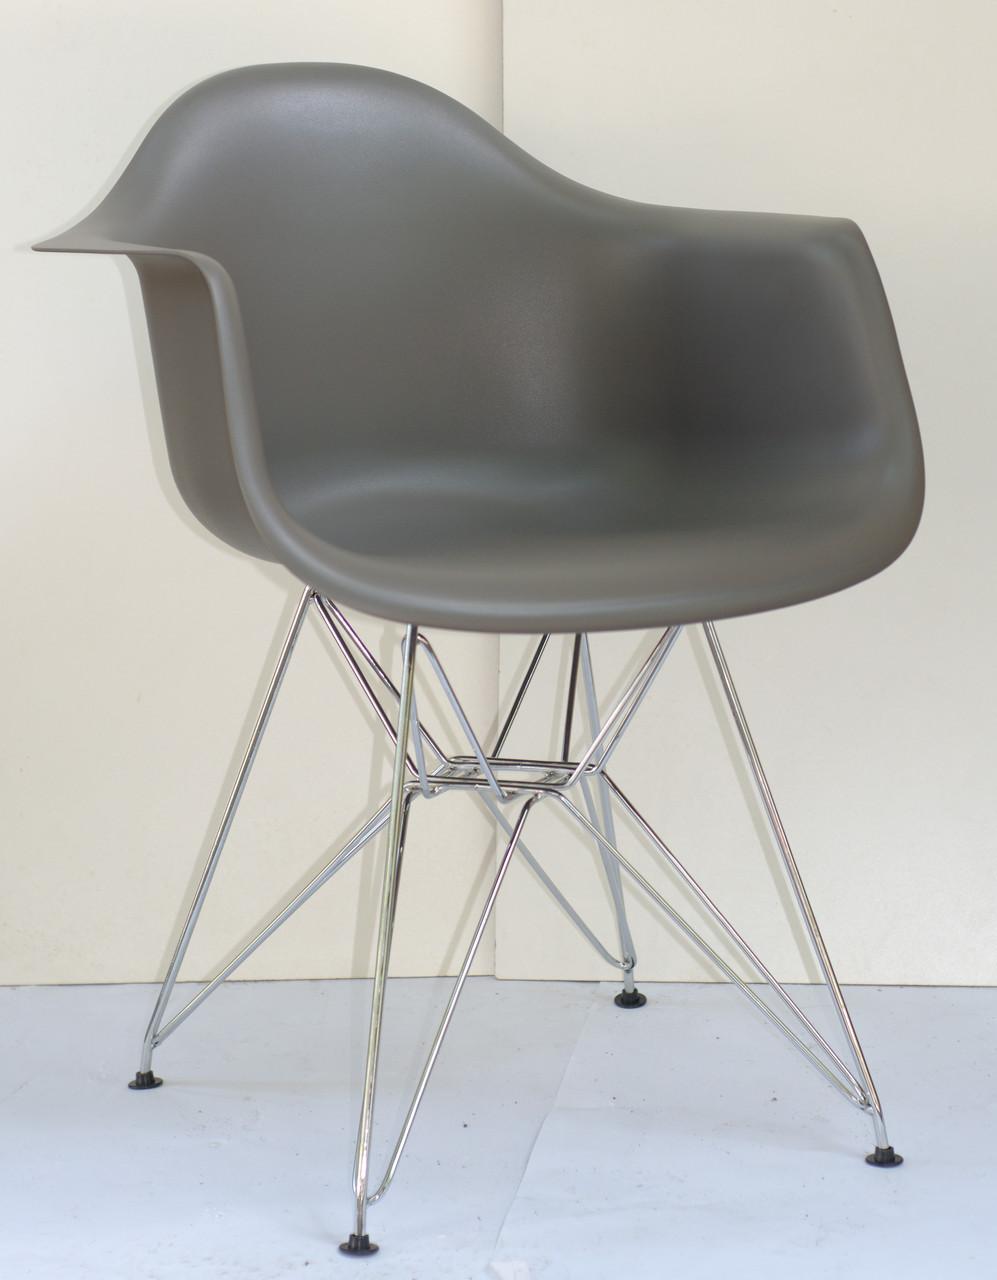 Роскошное кресло на хромированных ножках Leon Chrom ML для баров, кафе, ресторанов, стильных квартир